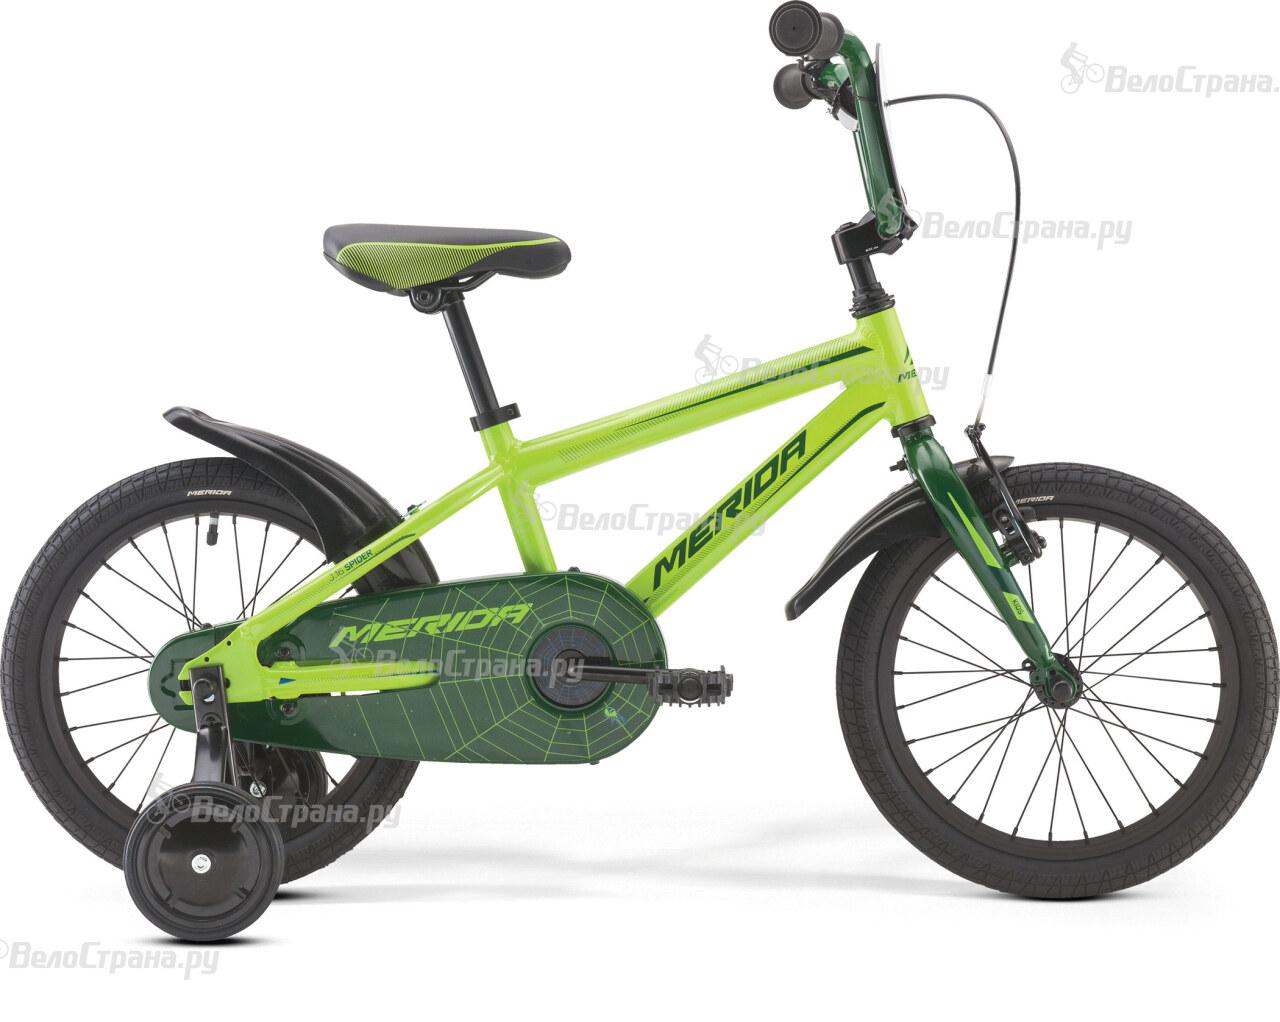 Велосипед Merida SPIDER J16 (2017)